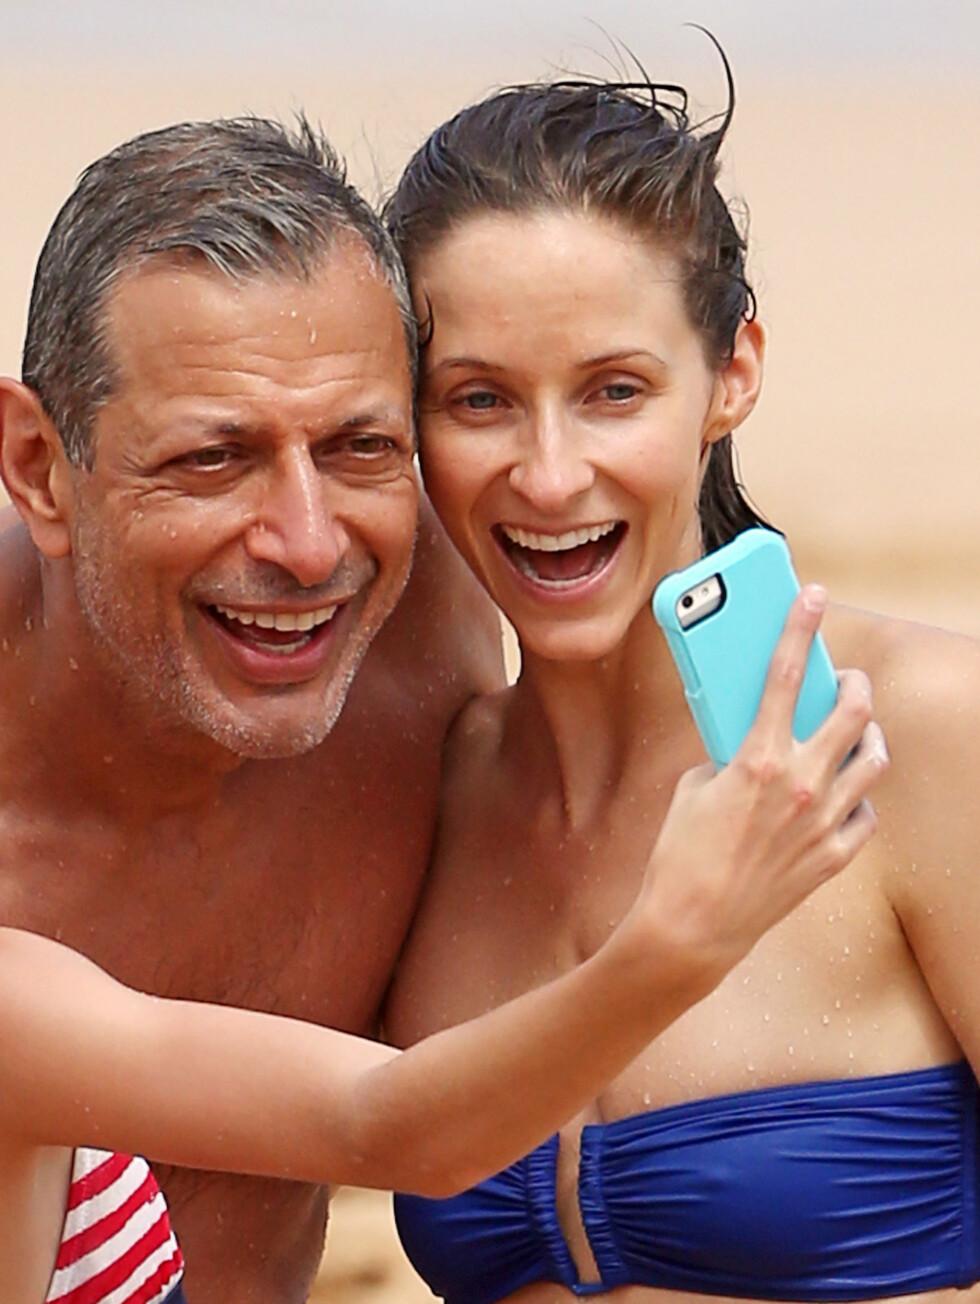 NYFORLOVET: Jeff Goldblum og Emilie Livingston legger ikke skjul på at de gleder seg til å bli mann og kone. Foto: Stella Pictures